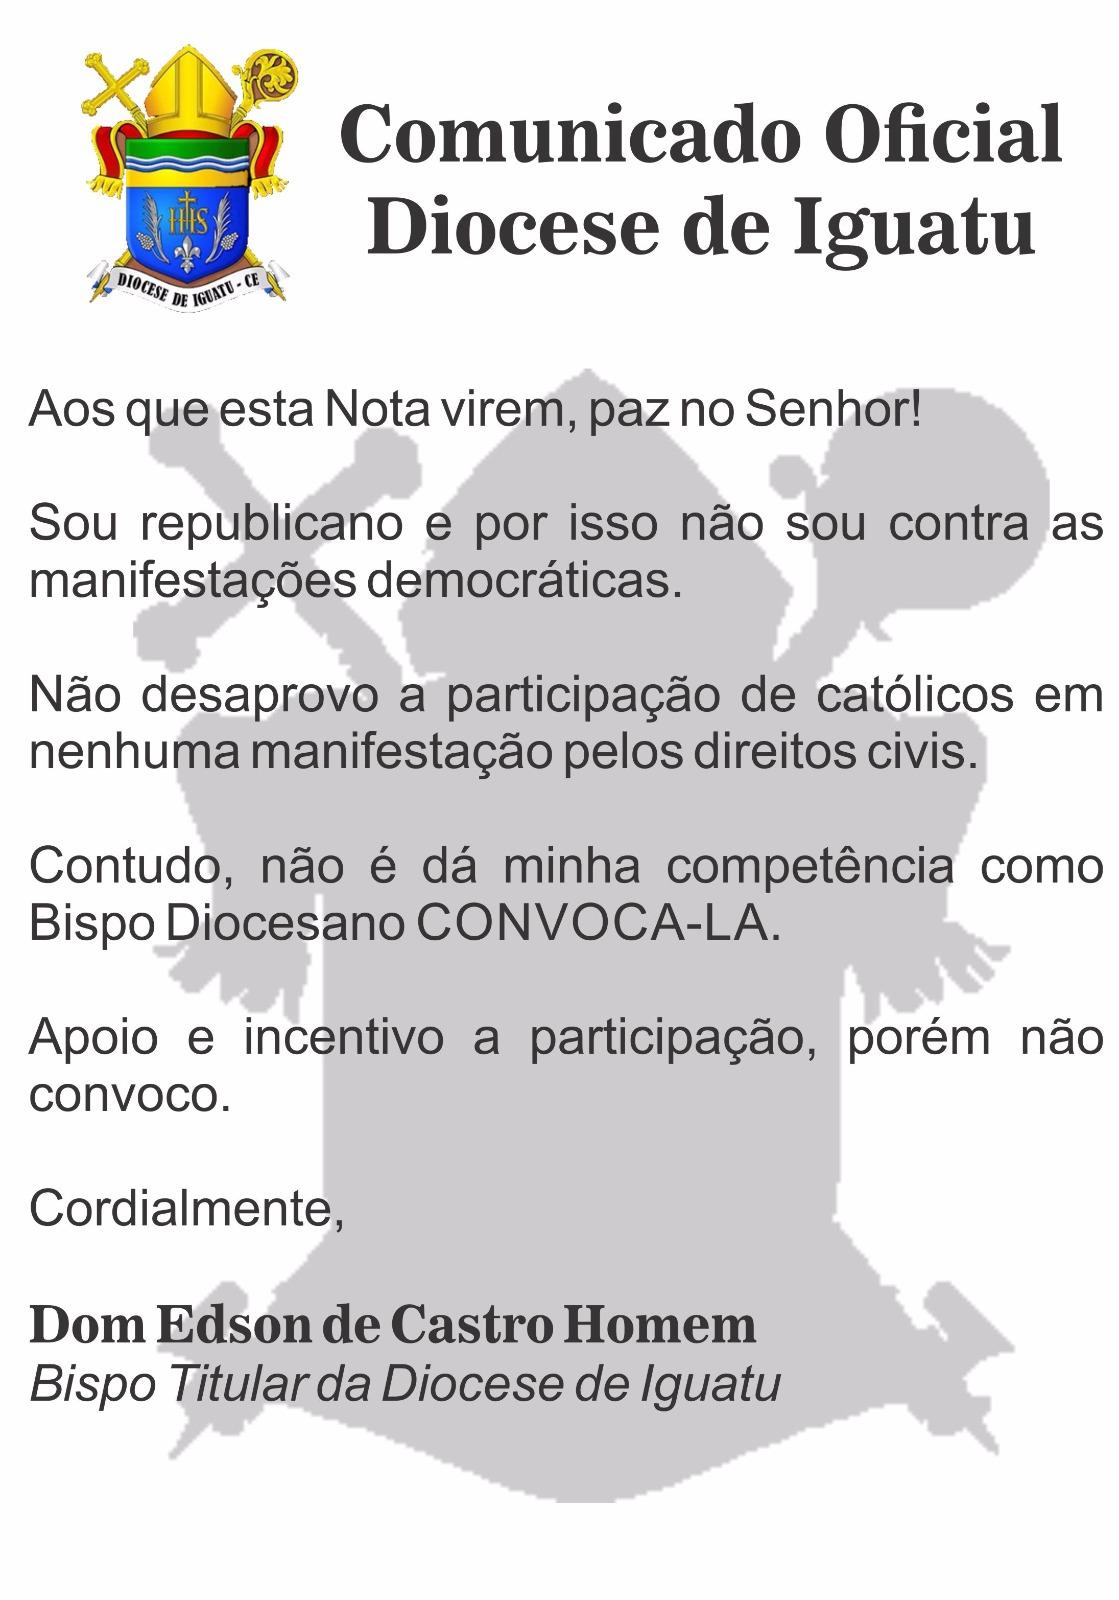 Comunicado Oficial da Diocese de Iguatu